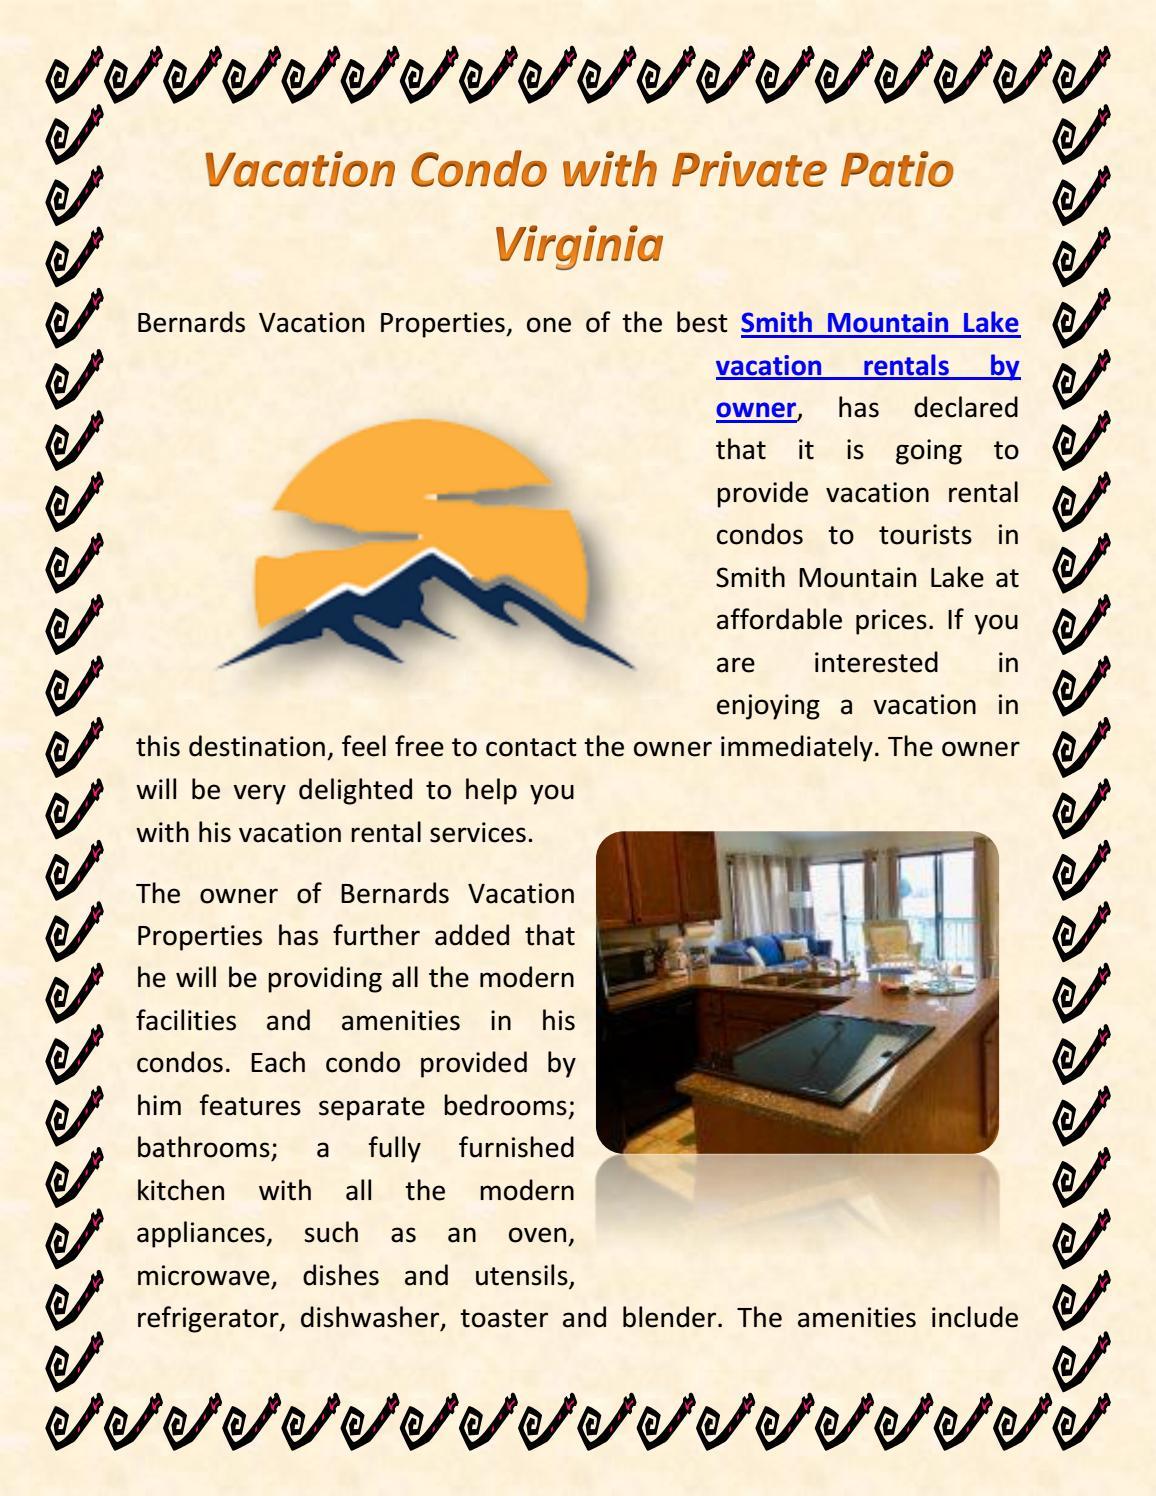 Vacation Condo with Private Patio Virginia